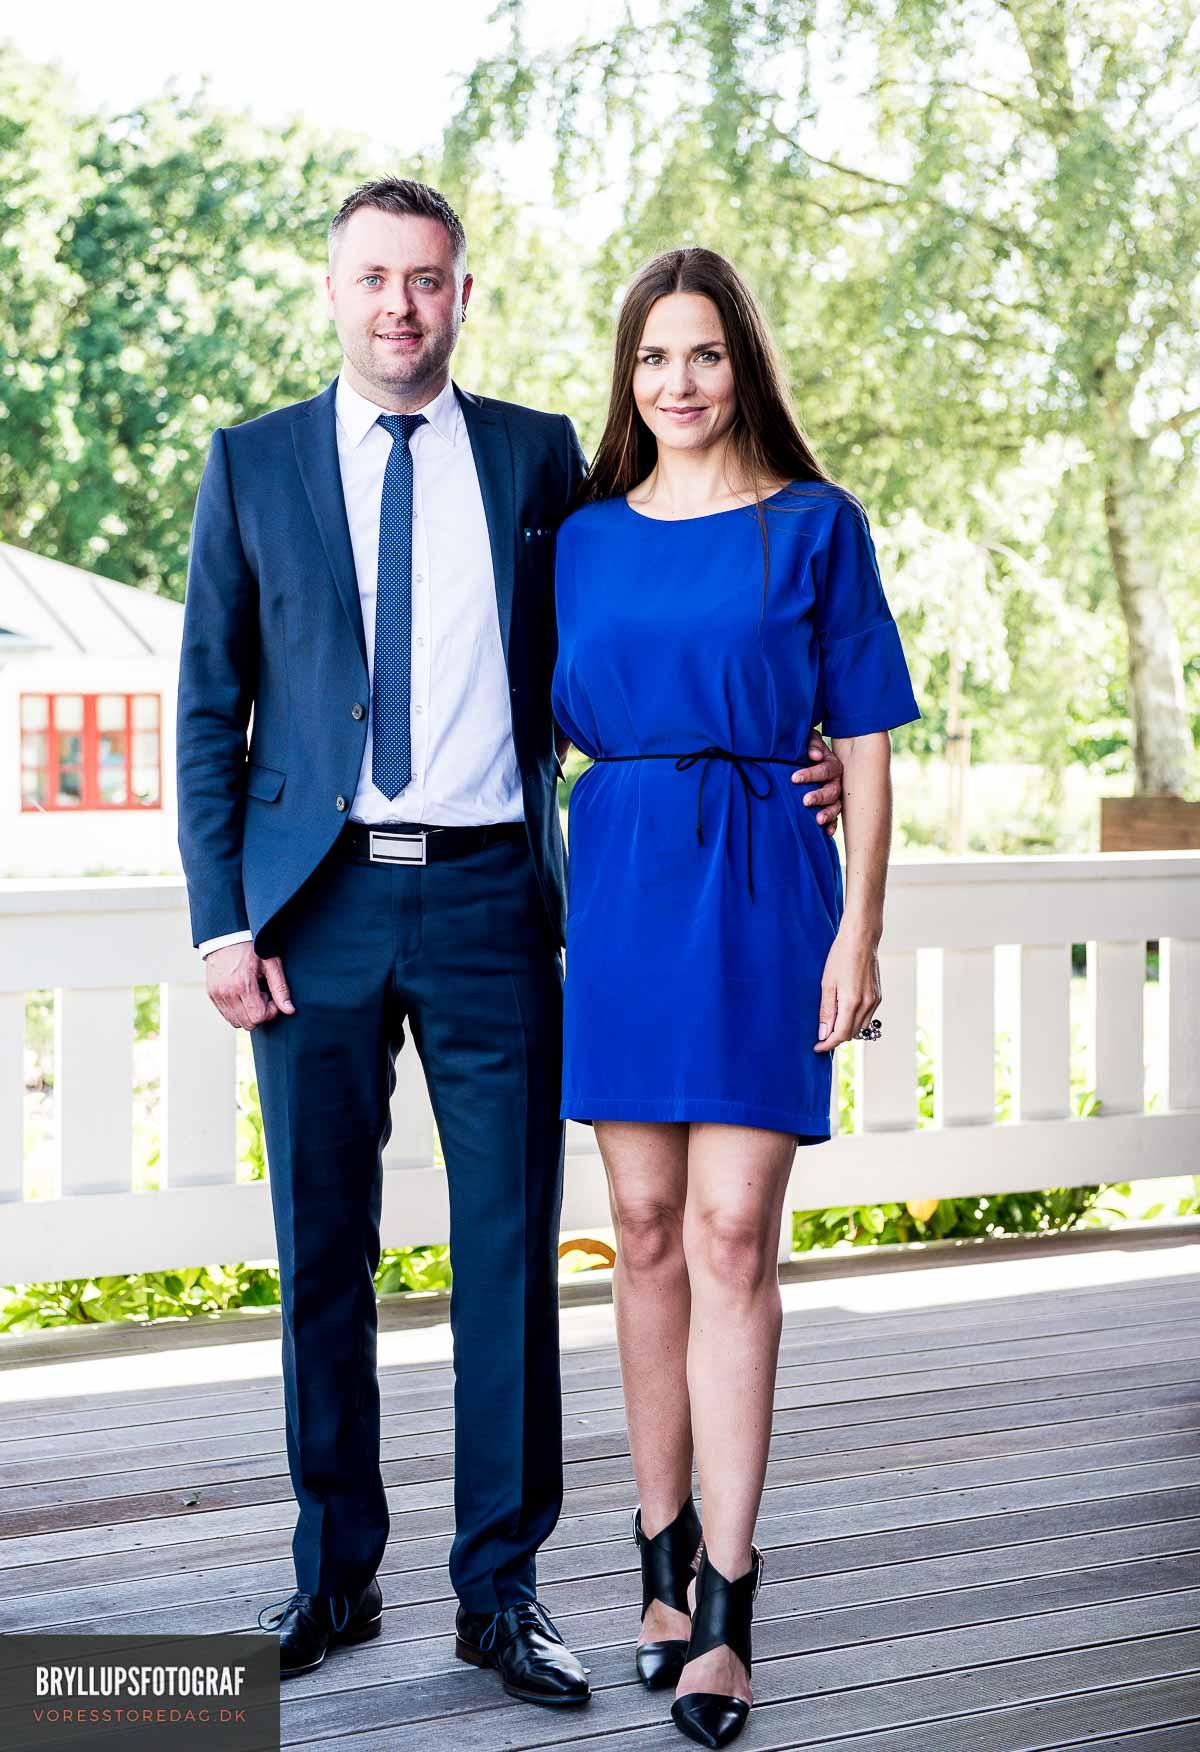 Søger du bryllupsfotografering af dygtig og kreativ fotograf